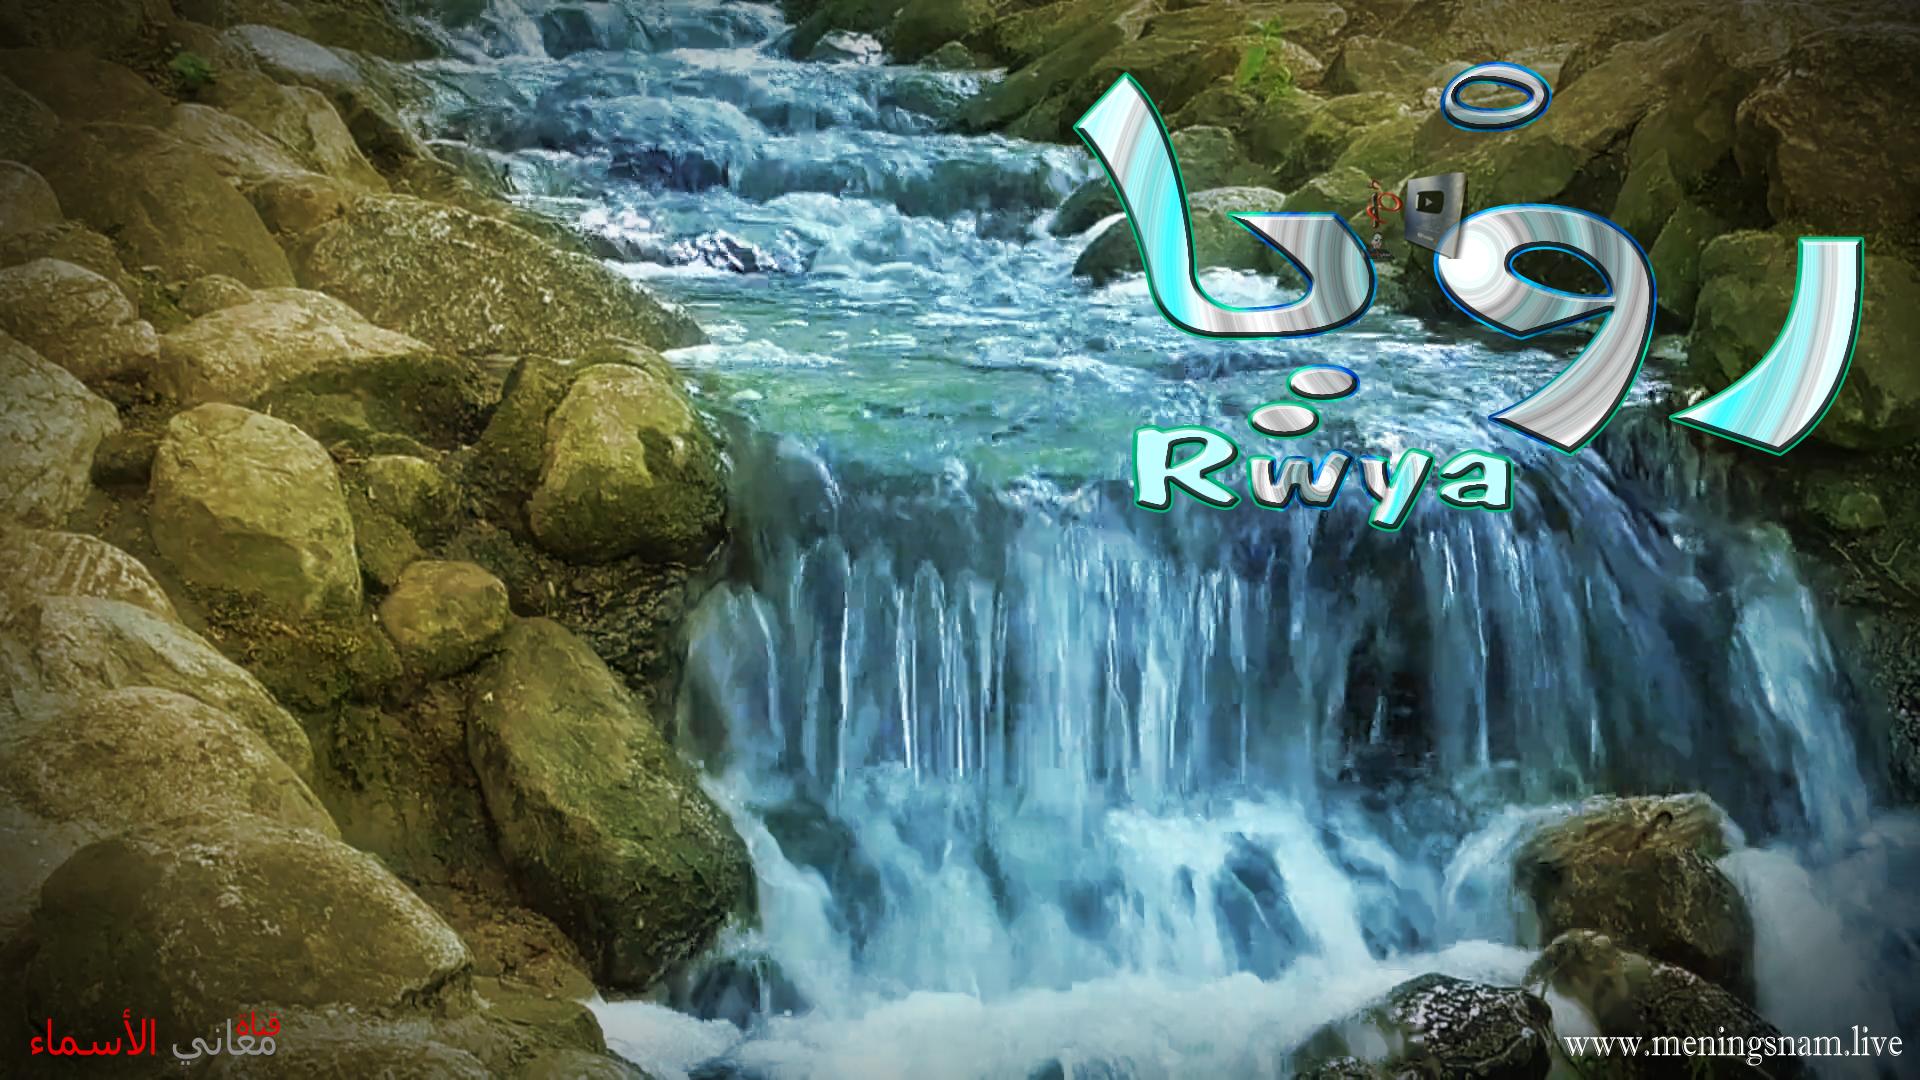 ,معنى اسم رويا وصفات حاملة هذا الاسم Rwya,